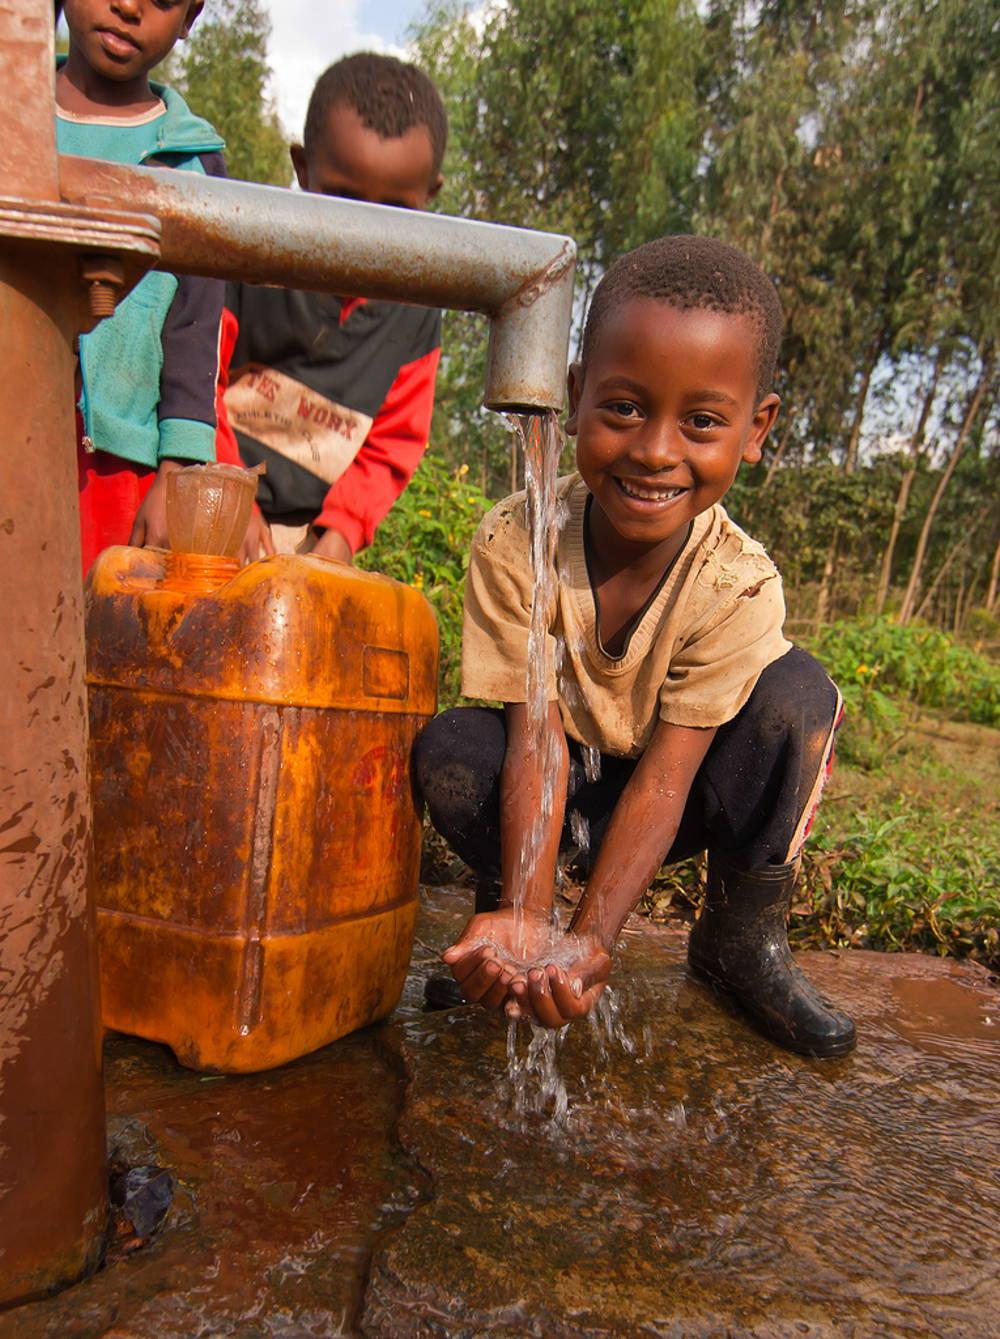 Unser Wasser- und Hygieneprojekt in Äthiopien